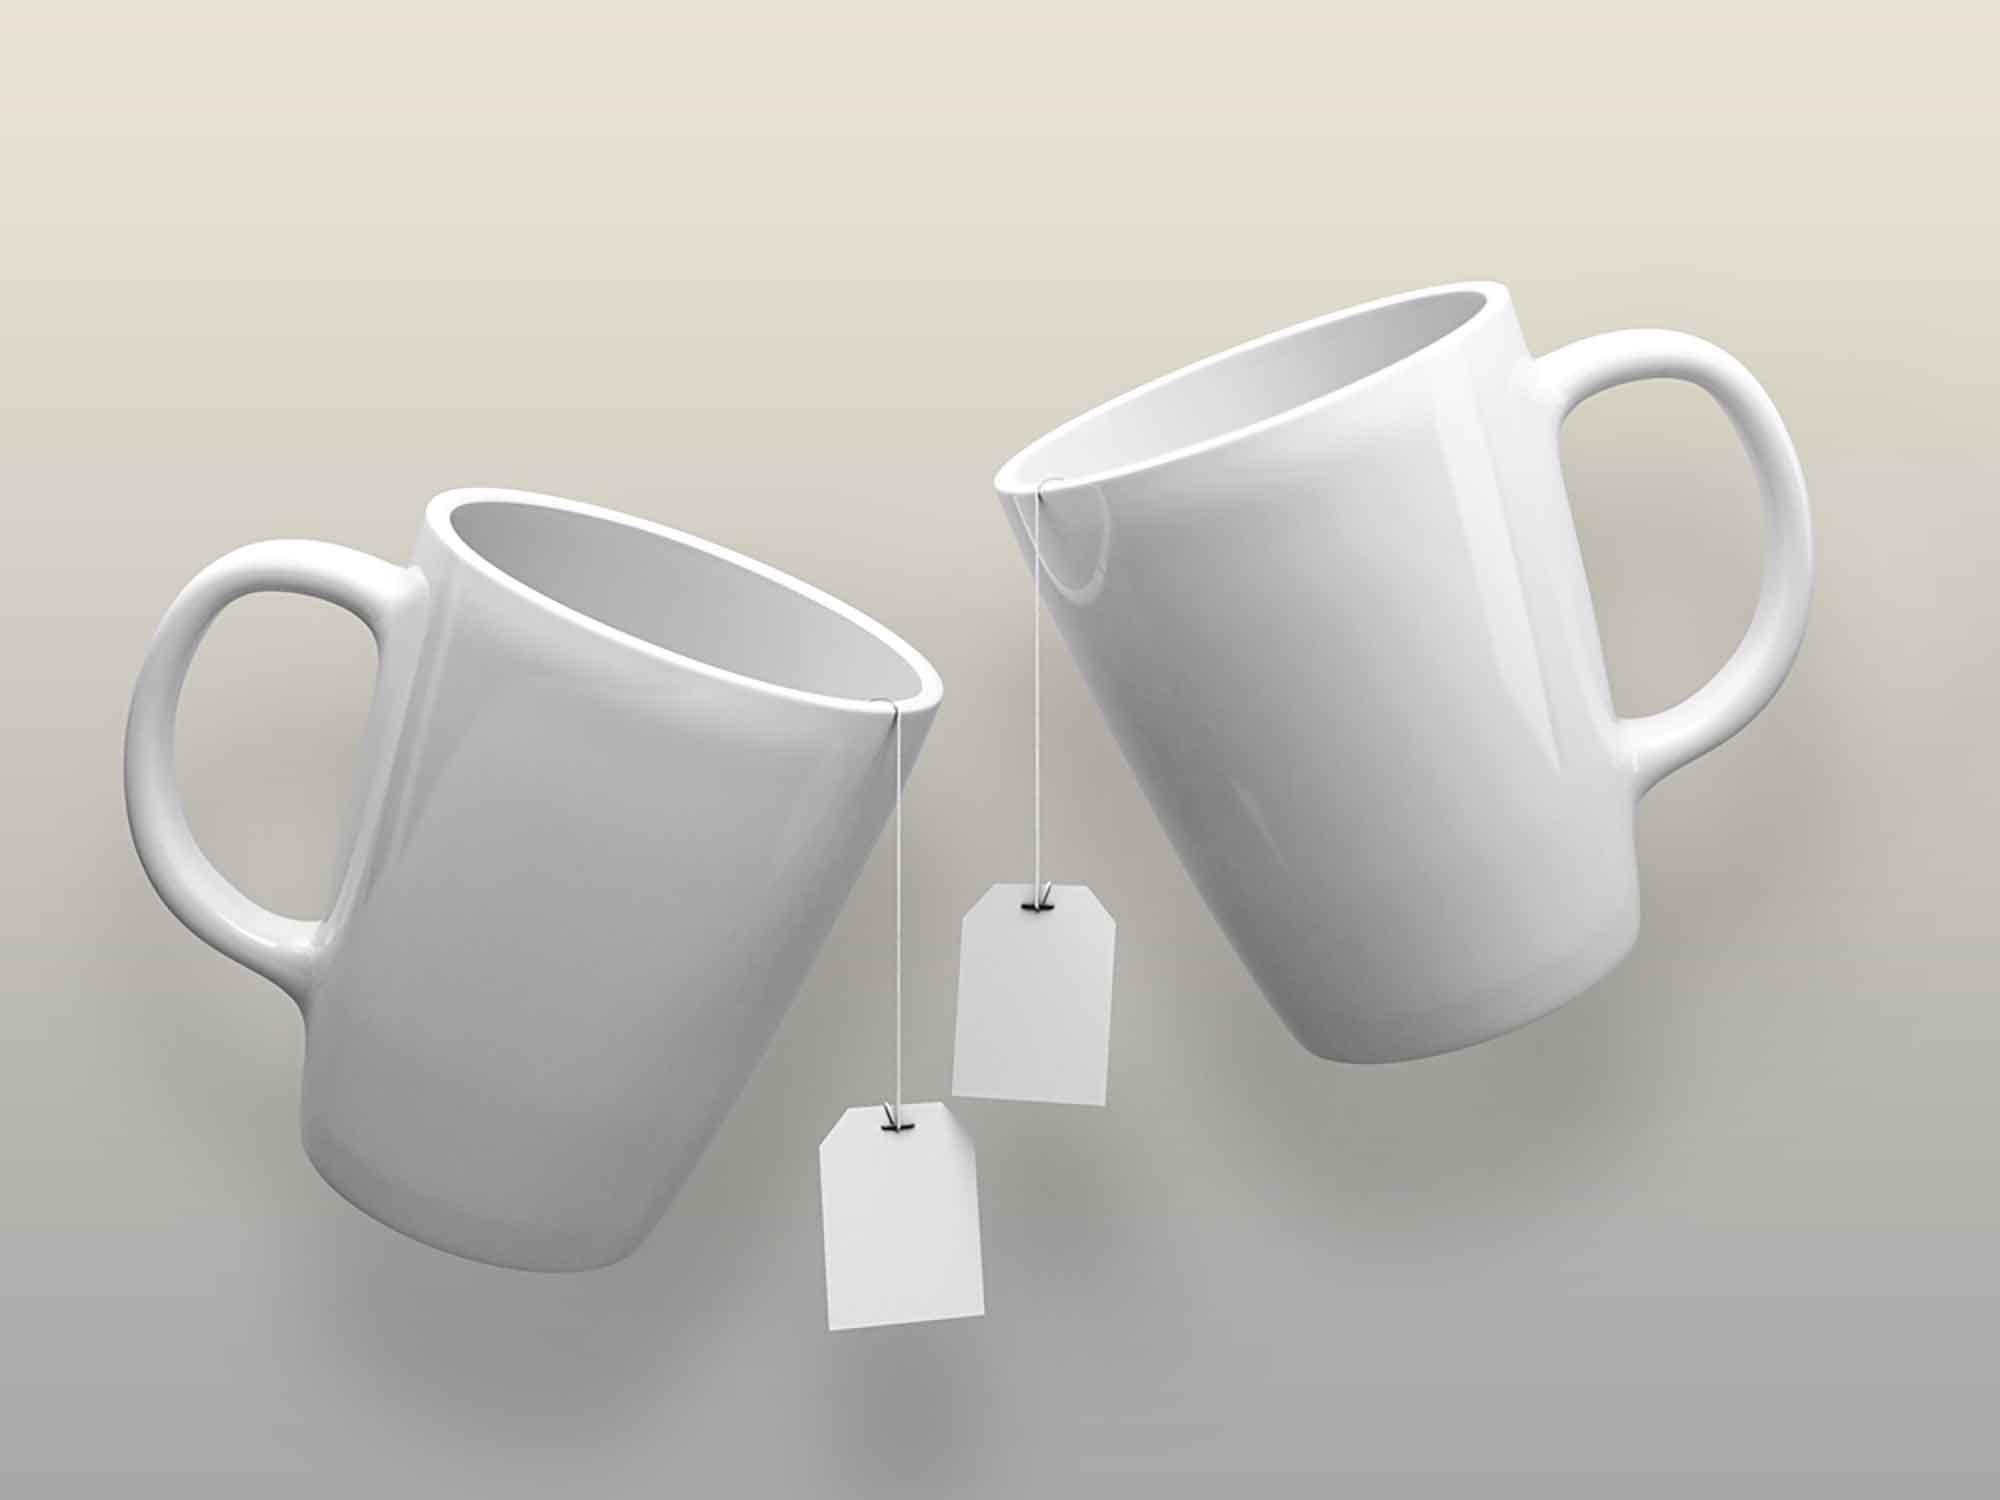 Free Ceramic Mugs & Tea Labels Mockup 2